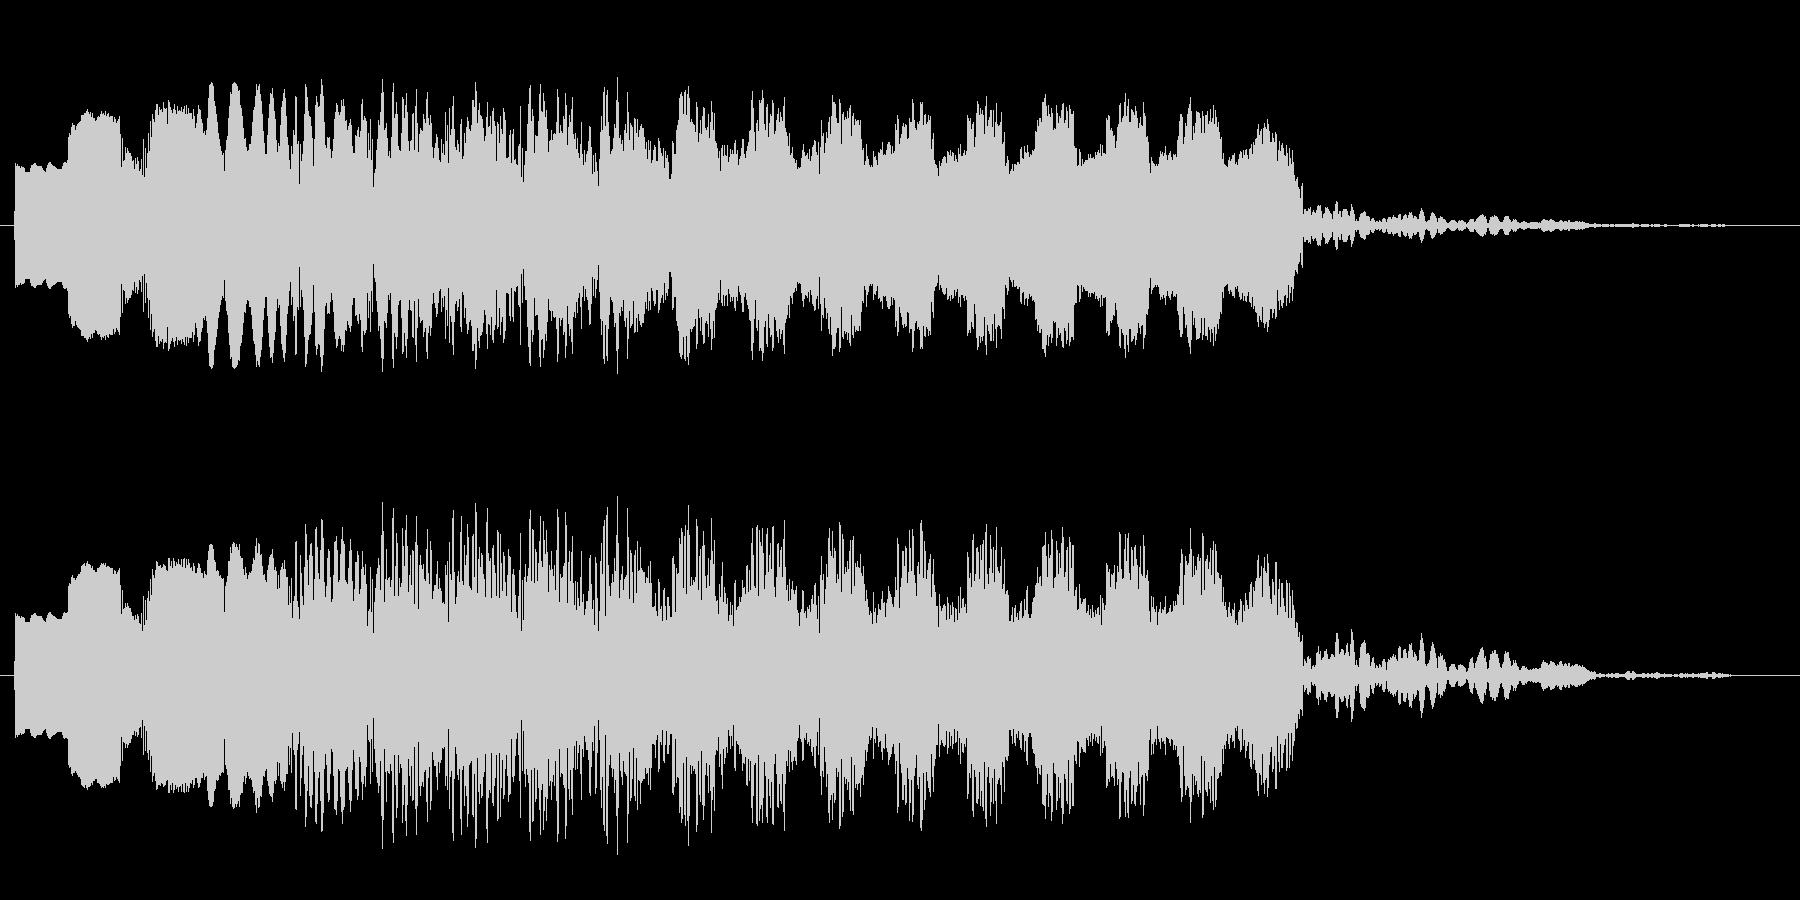 ピュロロロ・・・(飛行や浮遊の効果音)の未再生の波形